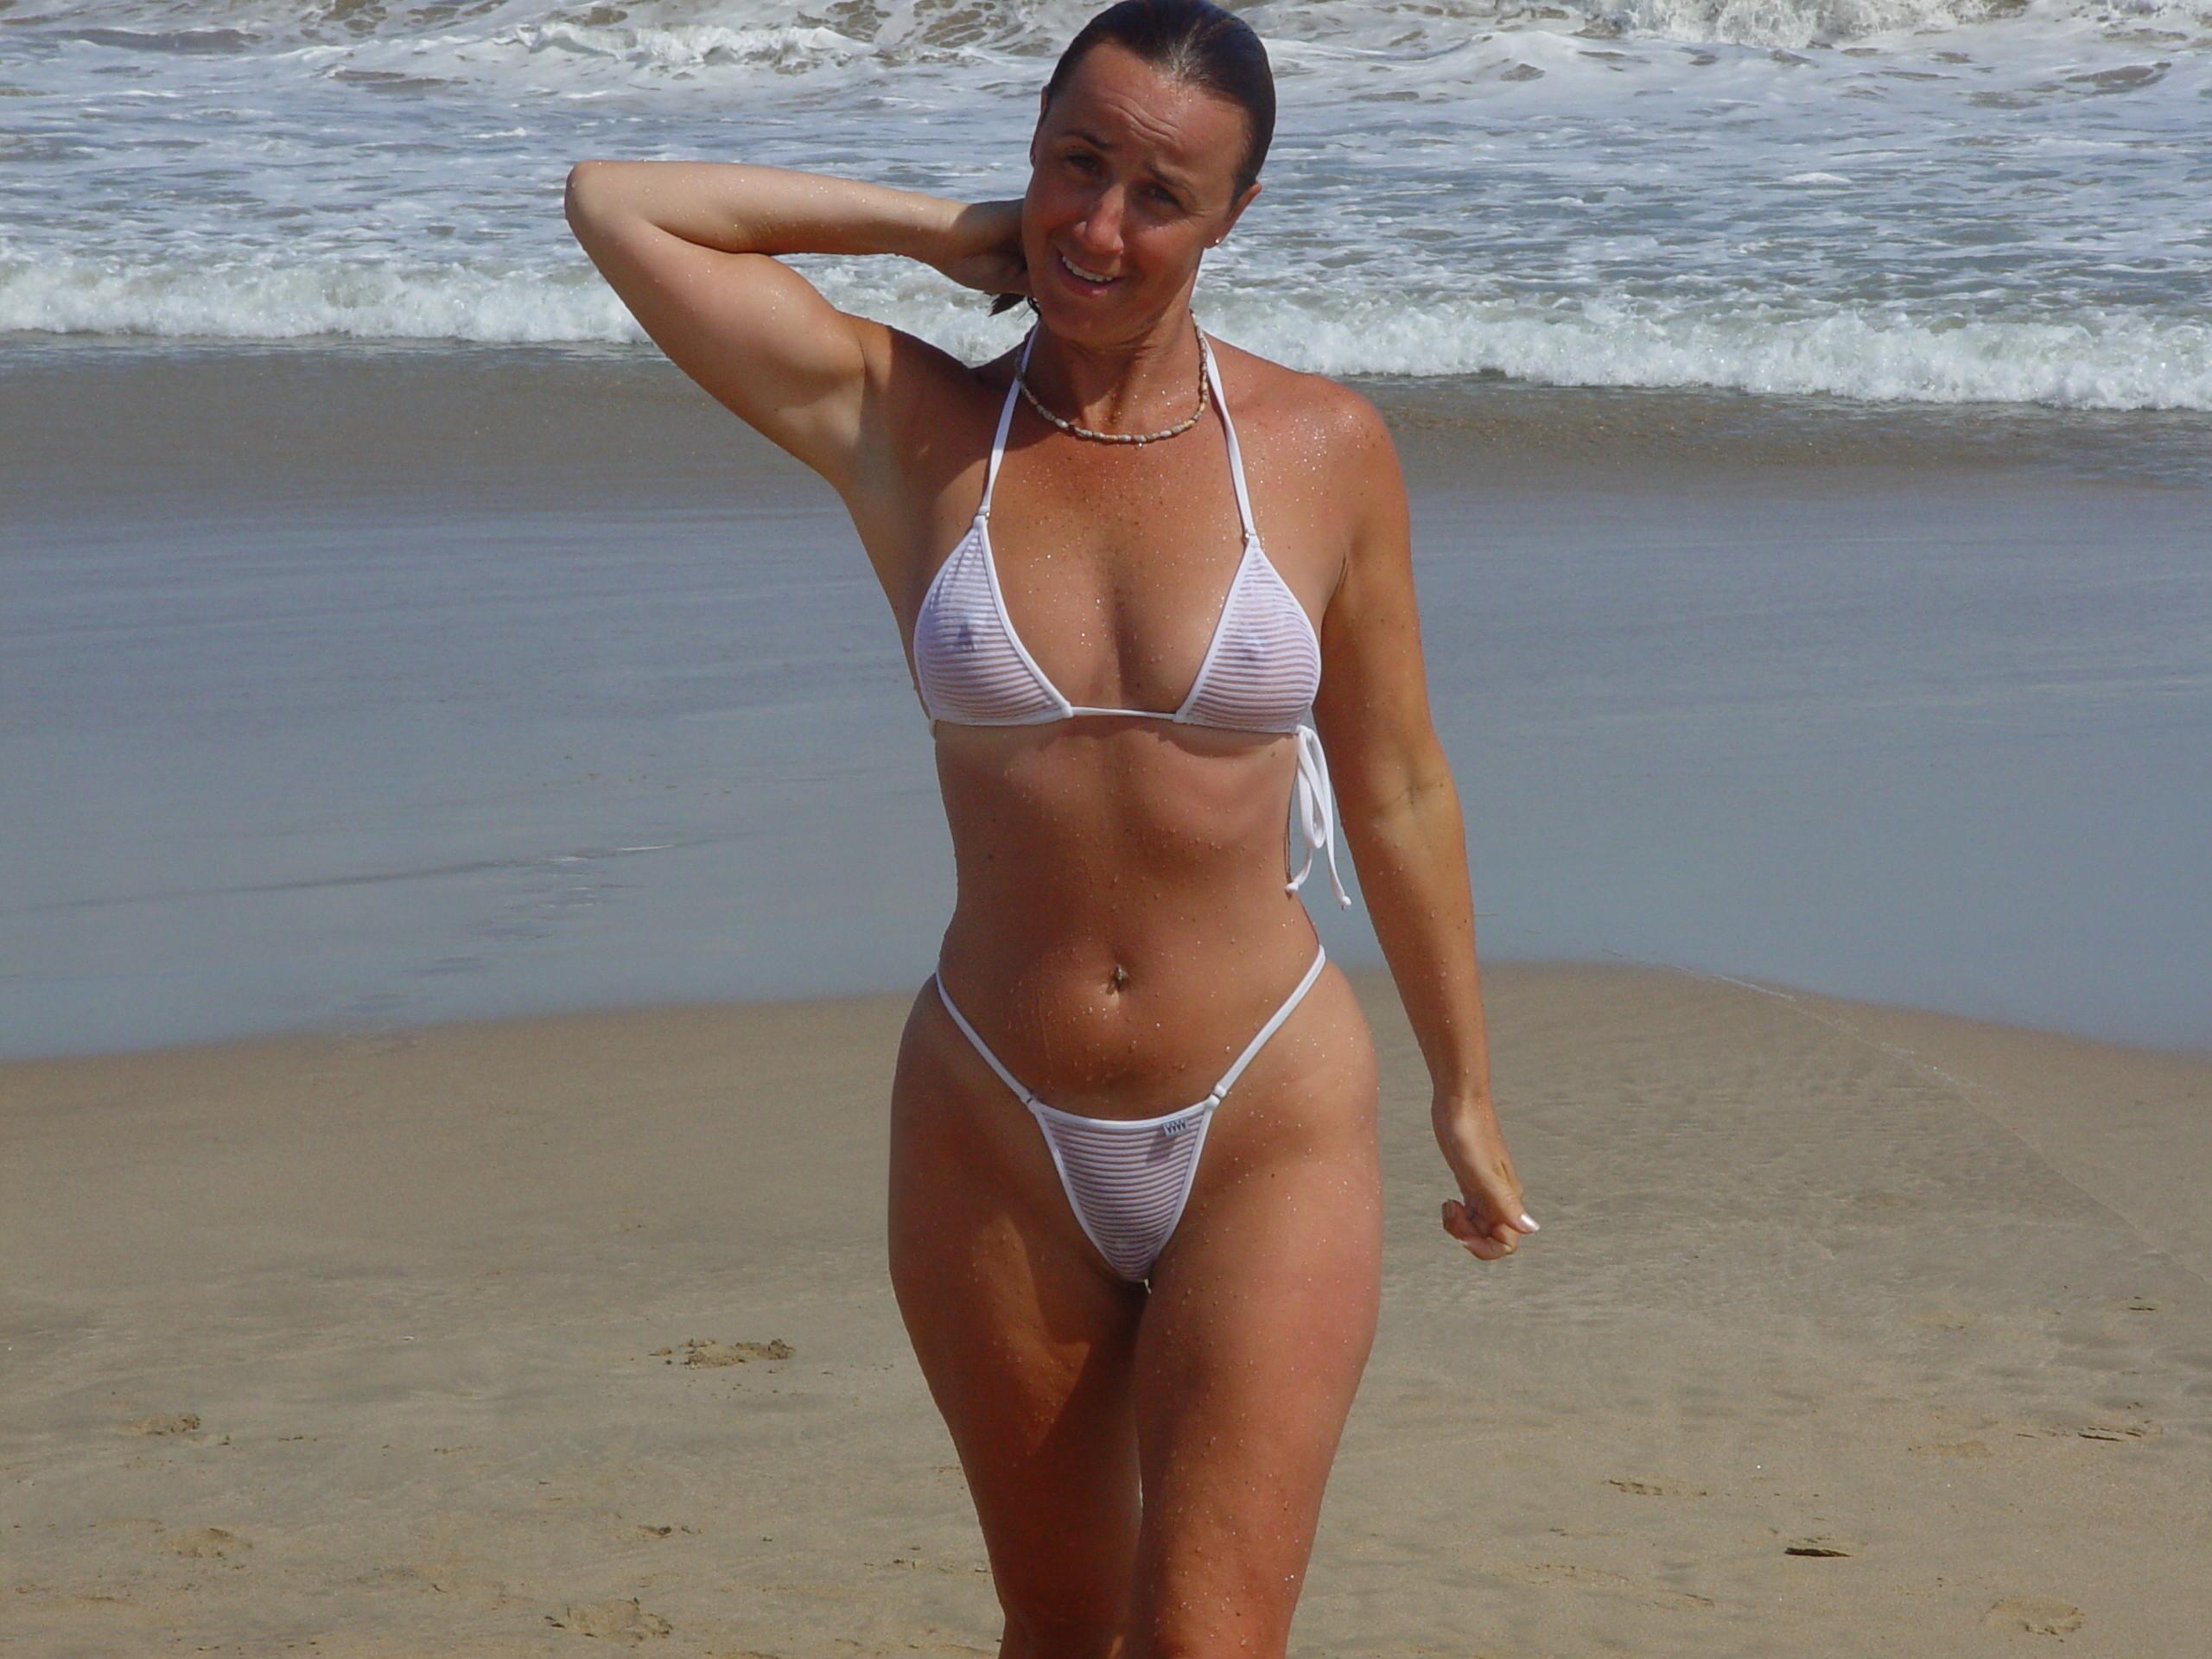 Bikini sexy wife, drunk sex act